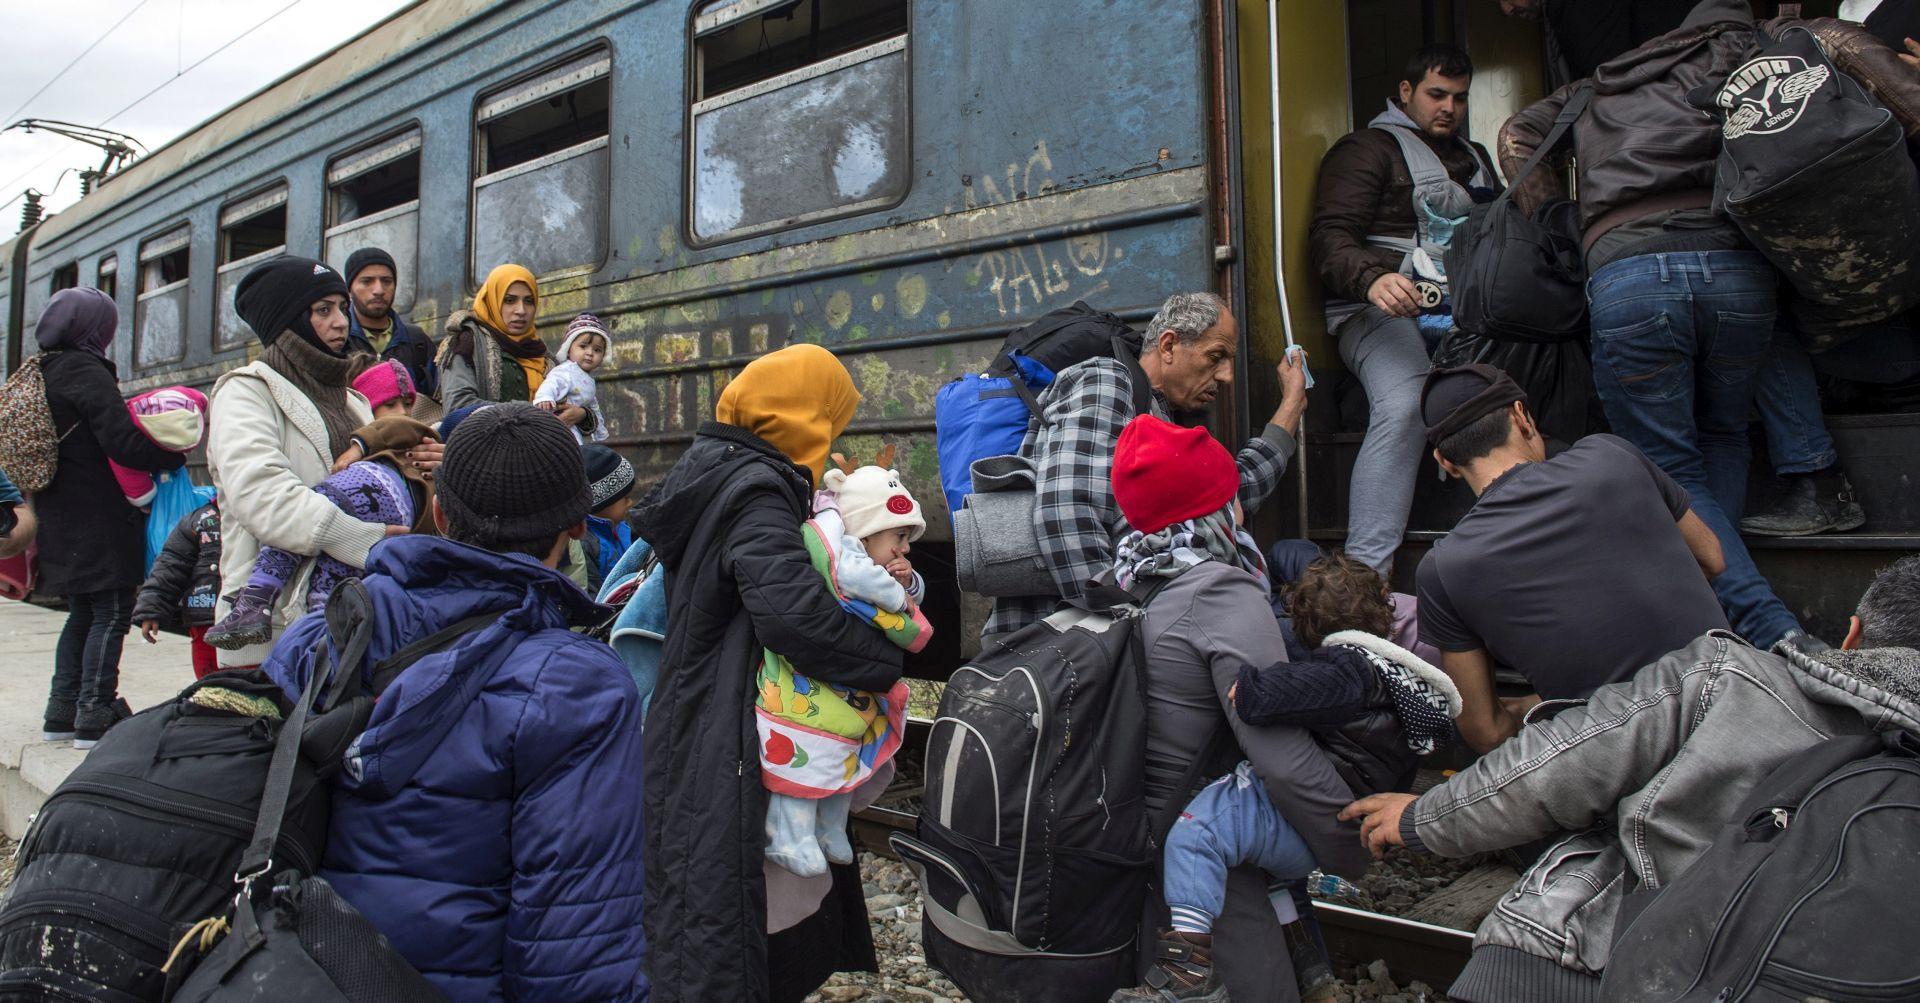 TISUĆE LJUDI ZAROBLJENO U GRČKOJ Makedonija zatvorila svoje granice Afganistancima